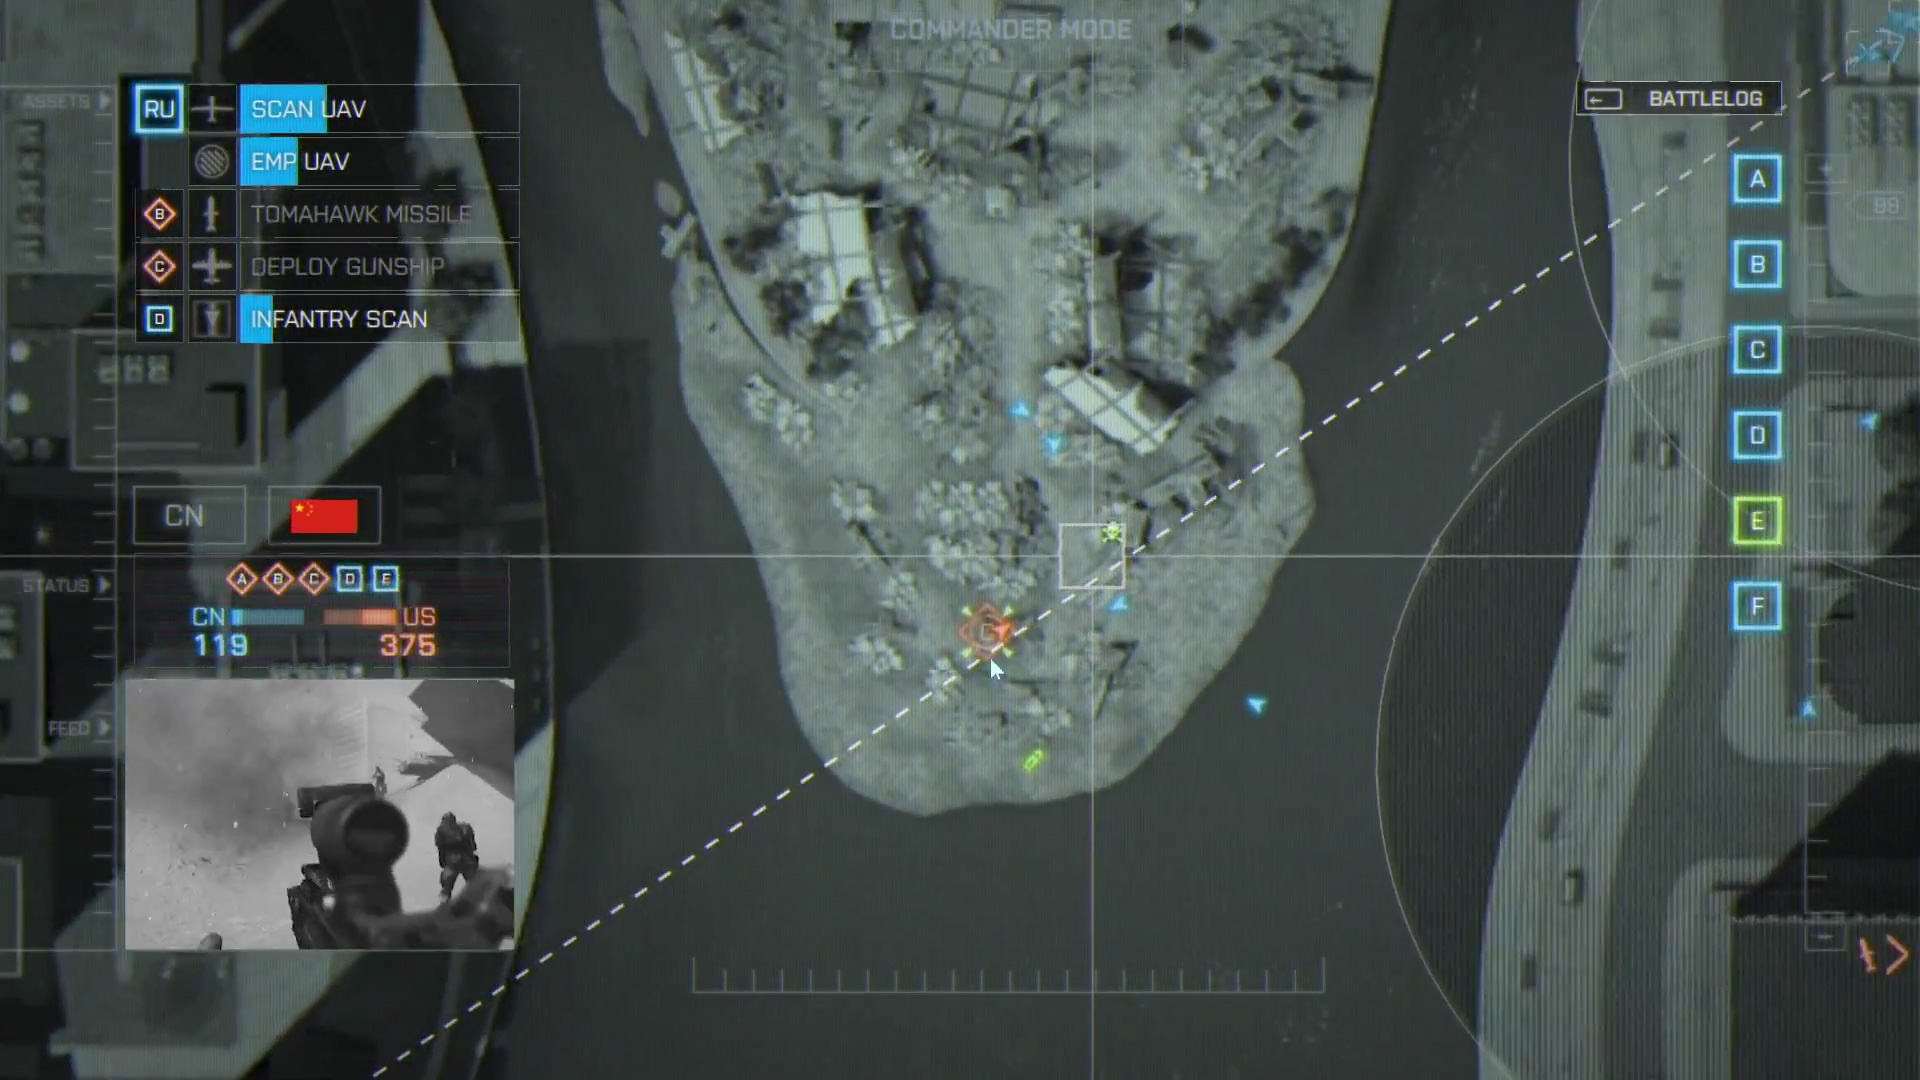 Battlefield 4 Battlelog C2